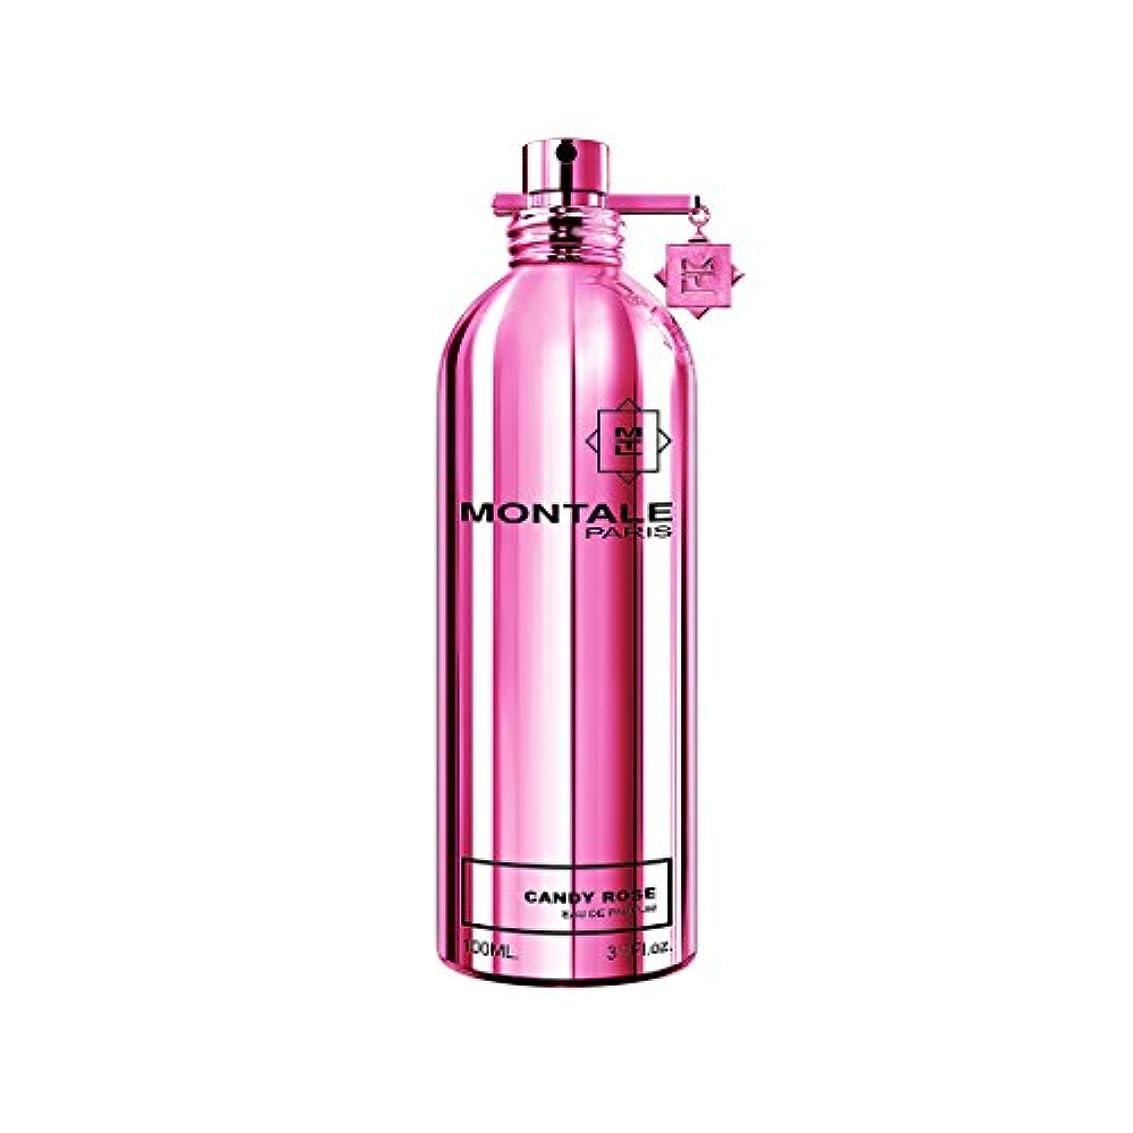 道路する美容師Montale Candy Rose by Montale Eau De Parfum Spray 3.4 oz / 100 ml (Women)